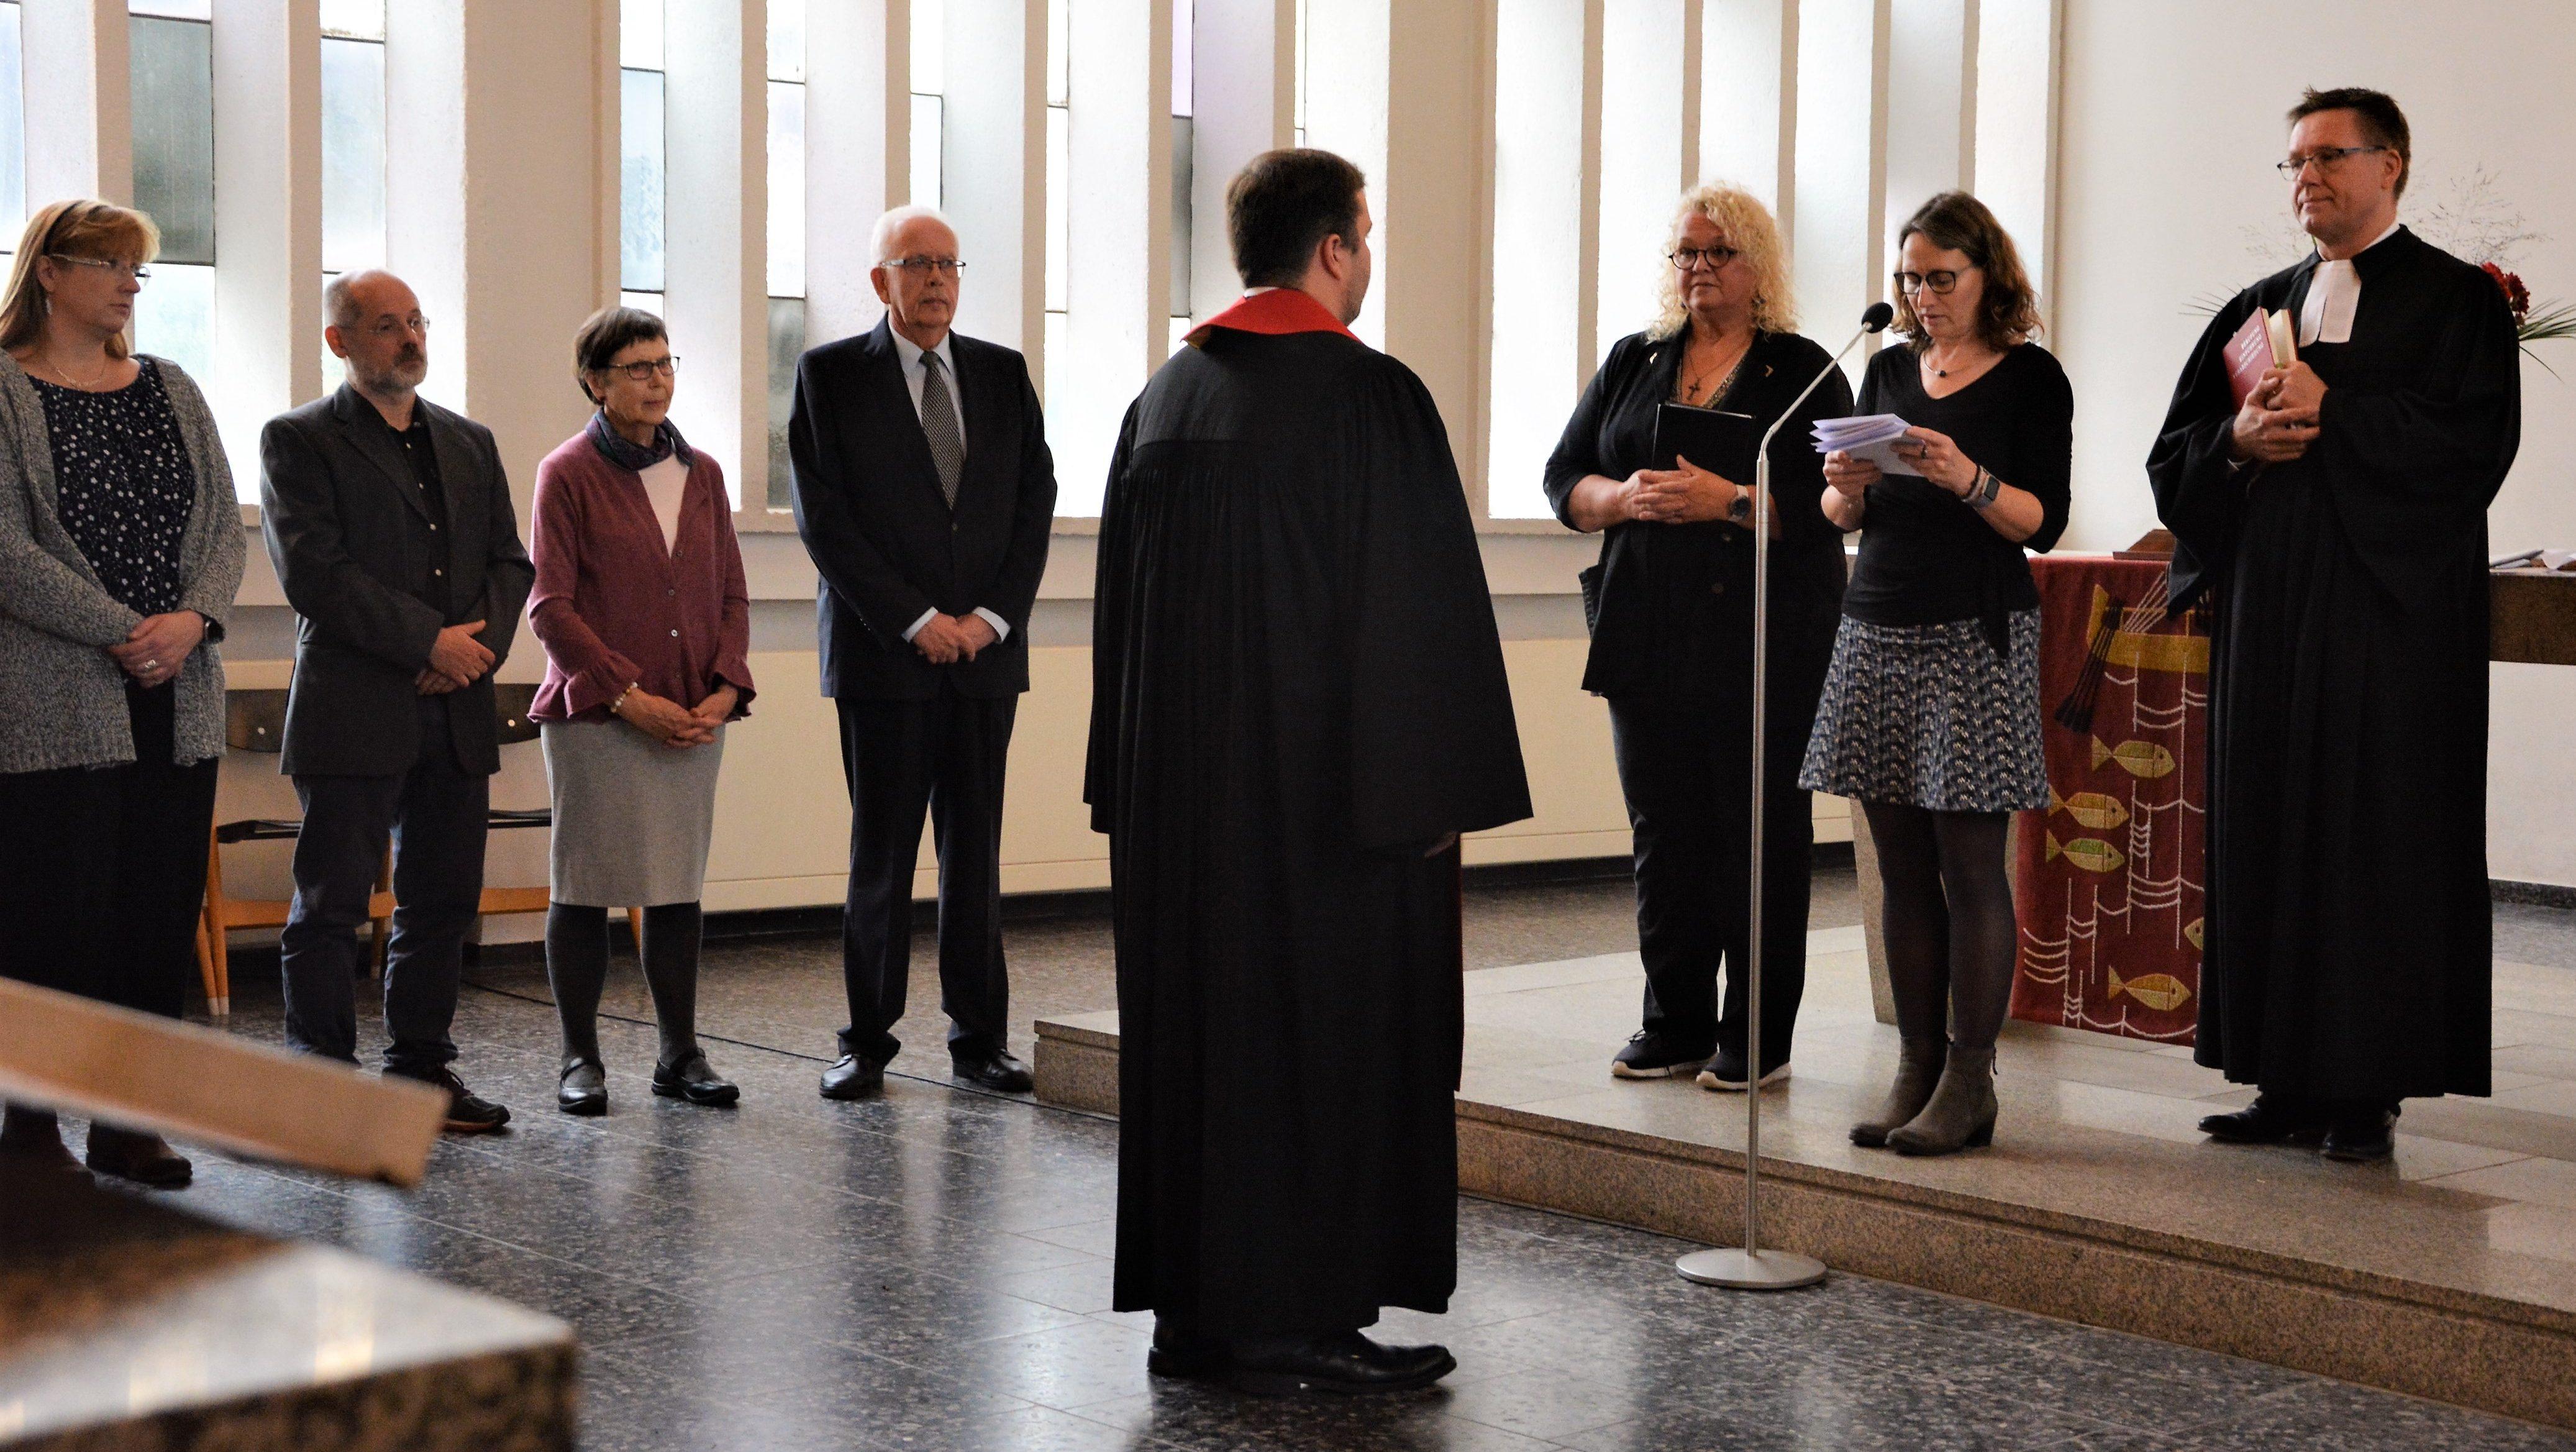 """""""Habe ich Dir nicht geboten, sei getrost und unverzagt"""" – Oliver Mahn als Pfarrer in der Zollstocker Melanchthon-Gemeinde eingeführt"""